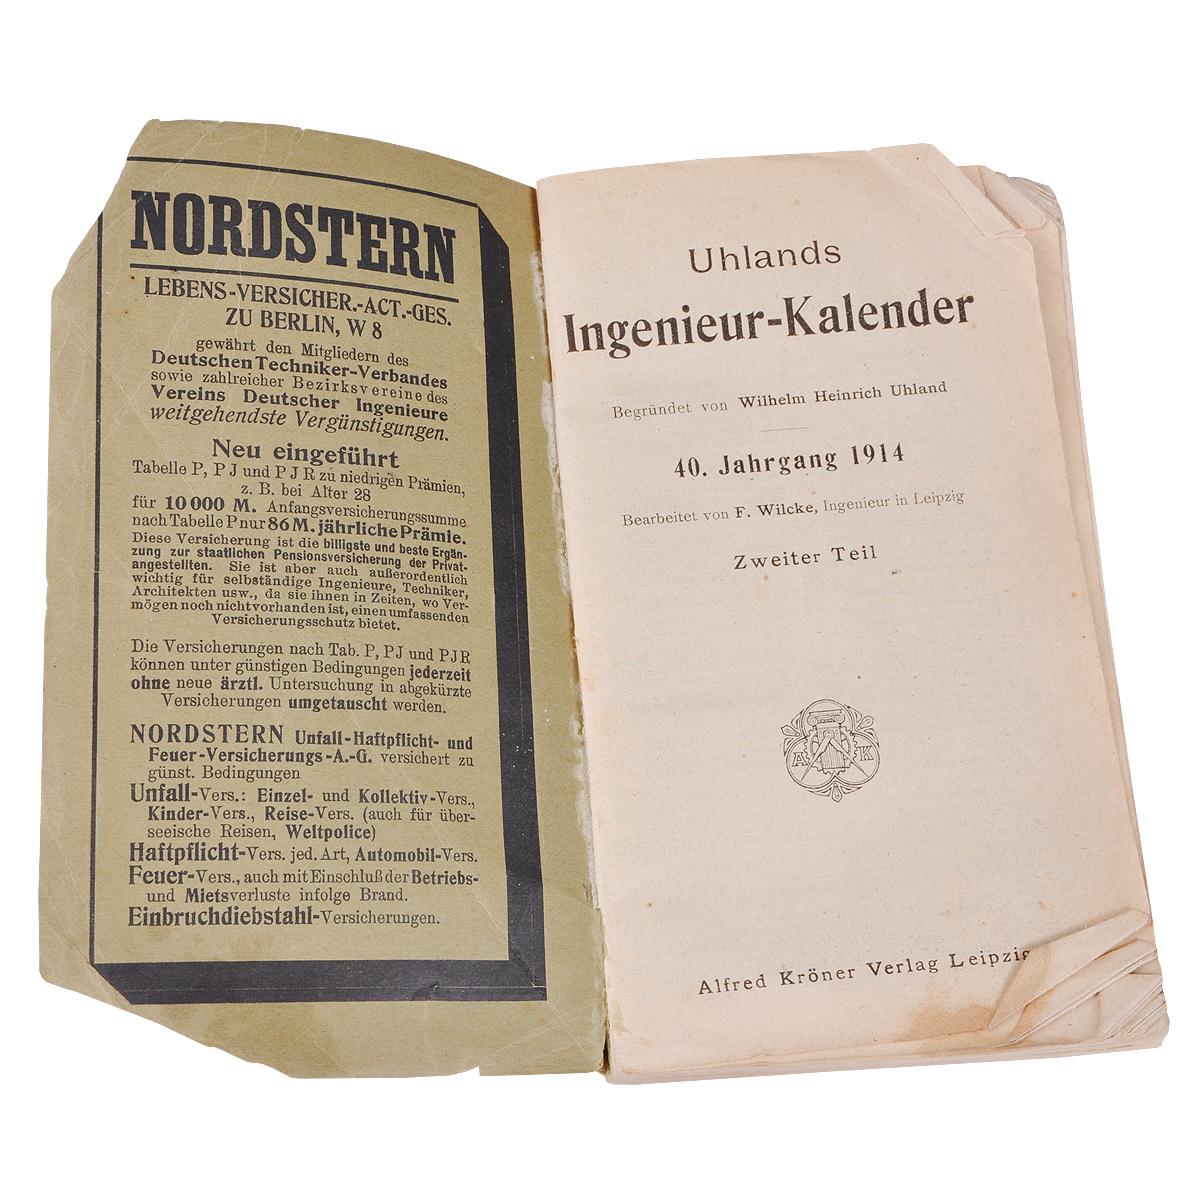 Uhlands Ingenieur-Kalender 1914.